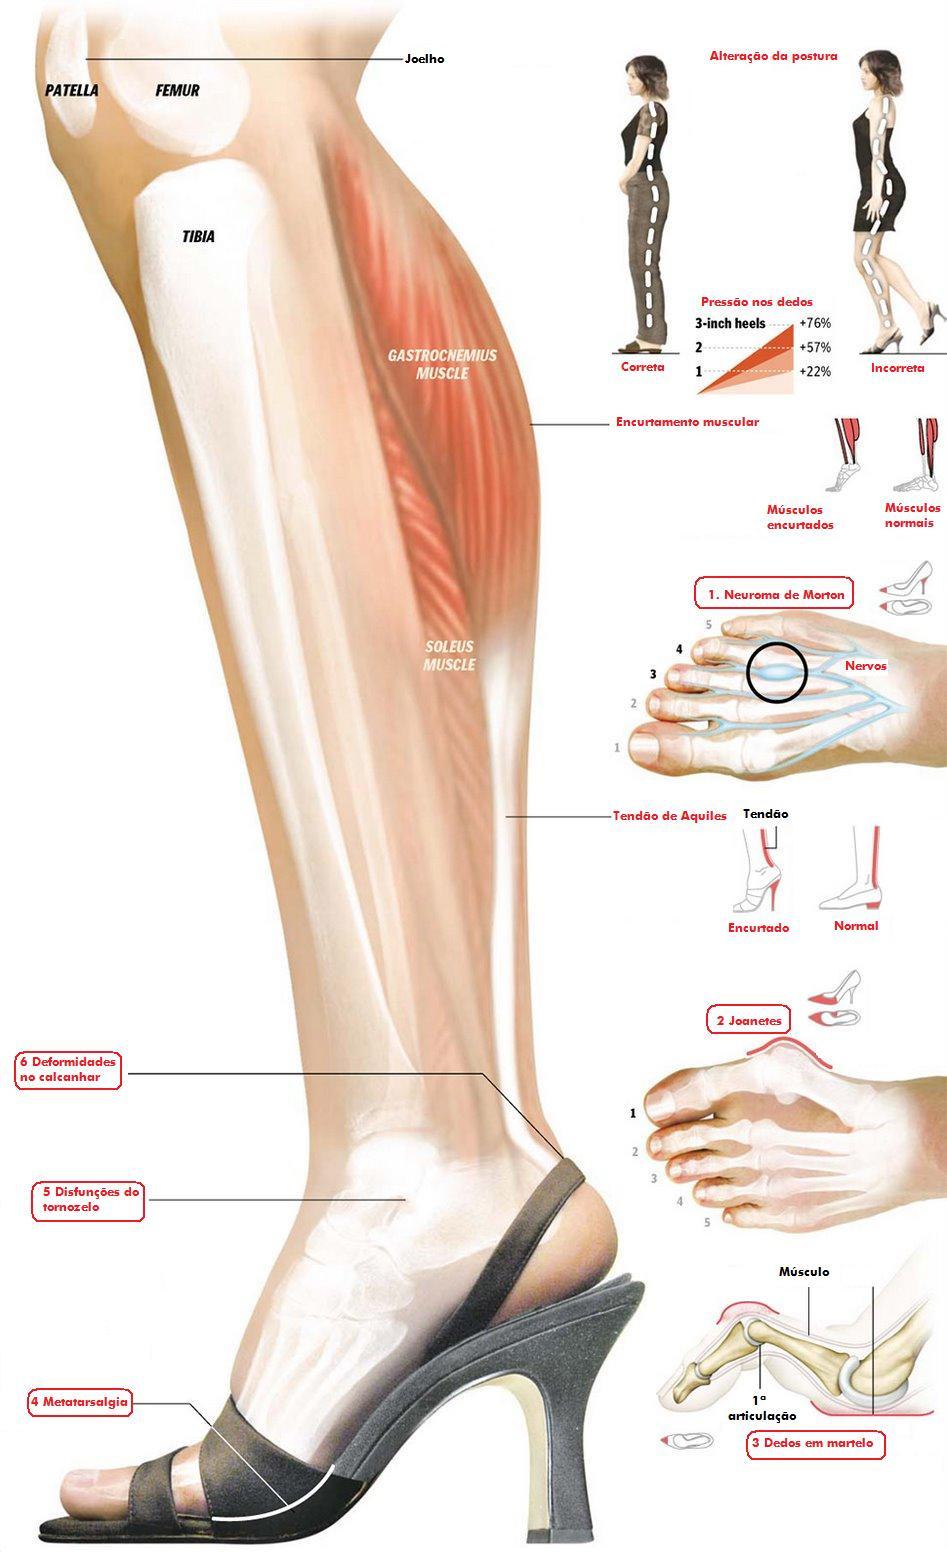 lesões musculares, lesões articulares